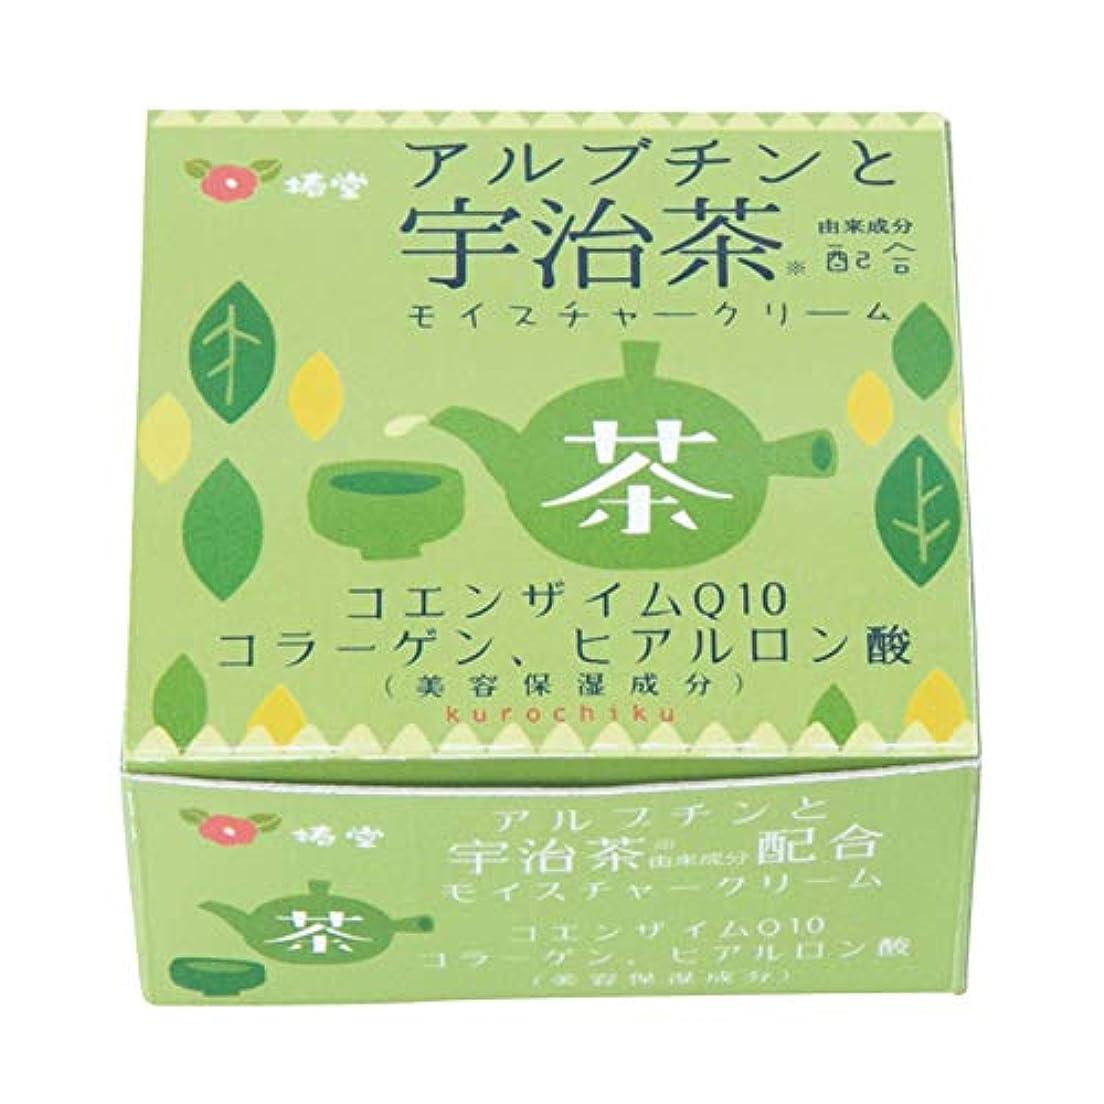 帆ジュニア団結する椿堂 宇治茶モイスチャークリーム (アルブチンと宇治茶) 京都くろちく